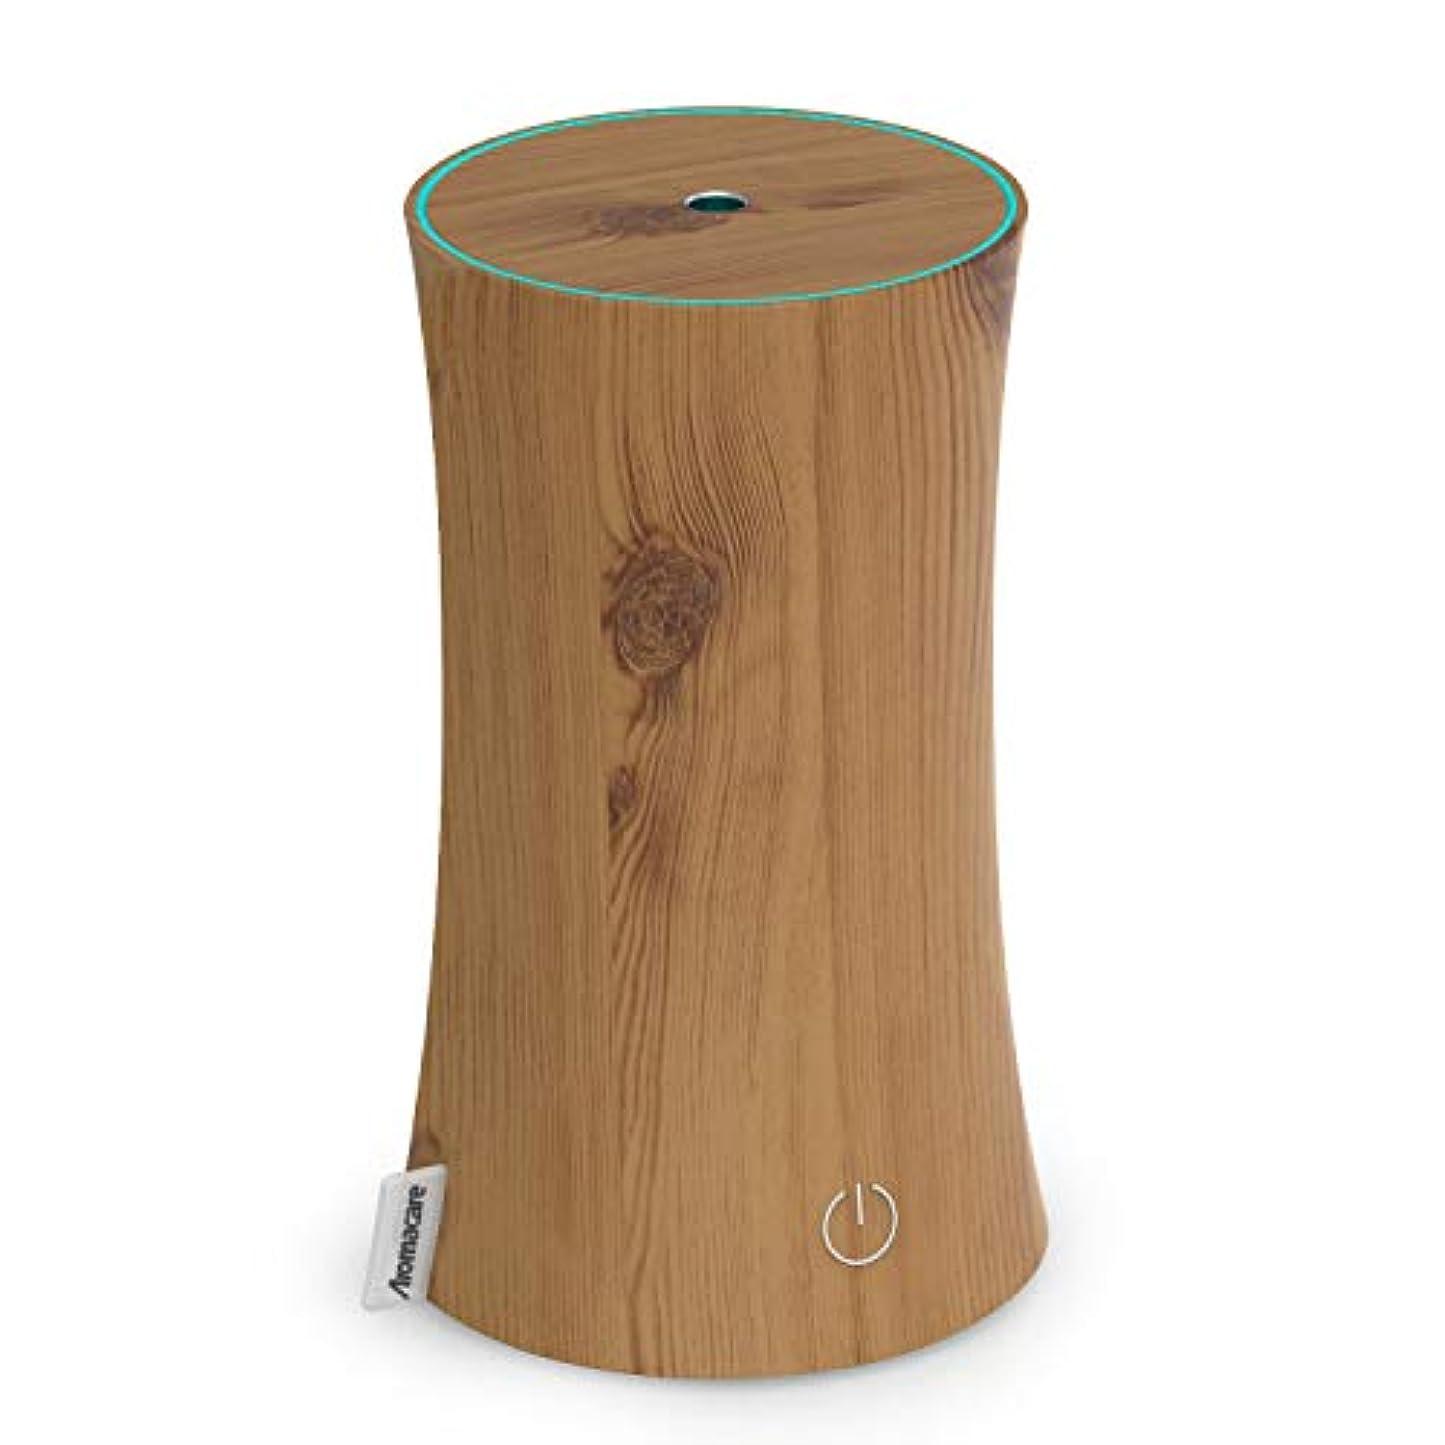 渇き生きている一族アロマディフューザー 卓上加湿器 センサー付き 超音波式 空焚き防止 低騒音 300ml 連続運転 各場所用 省エネ 木目調 木の色